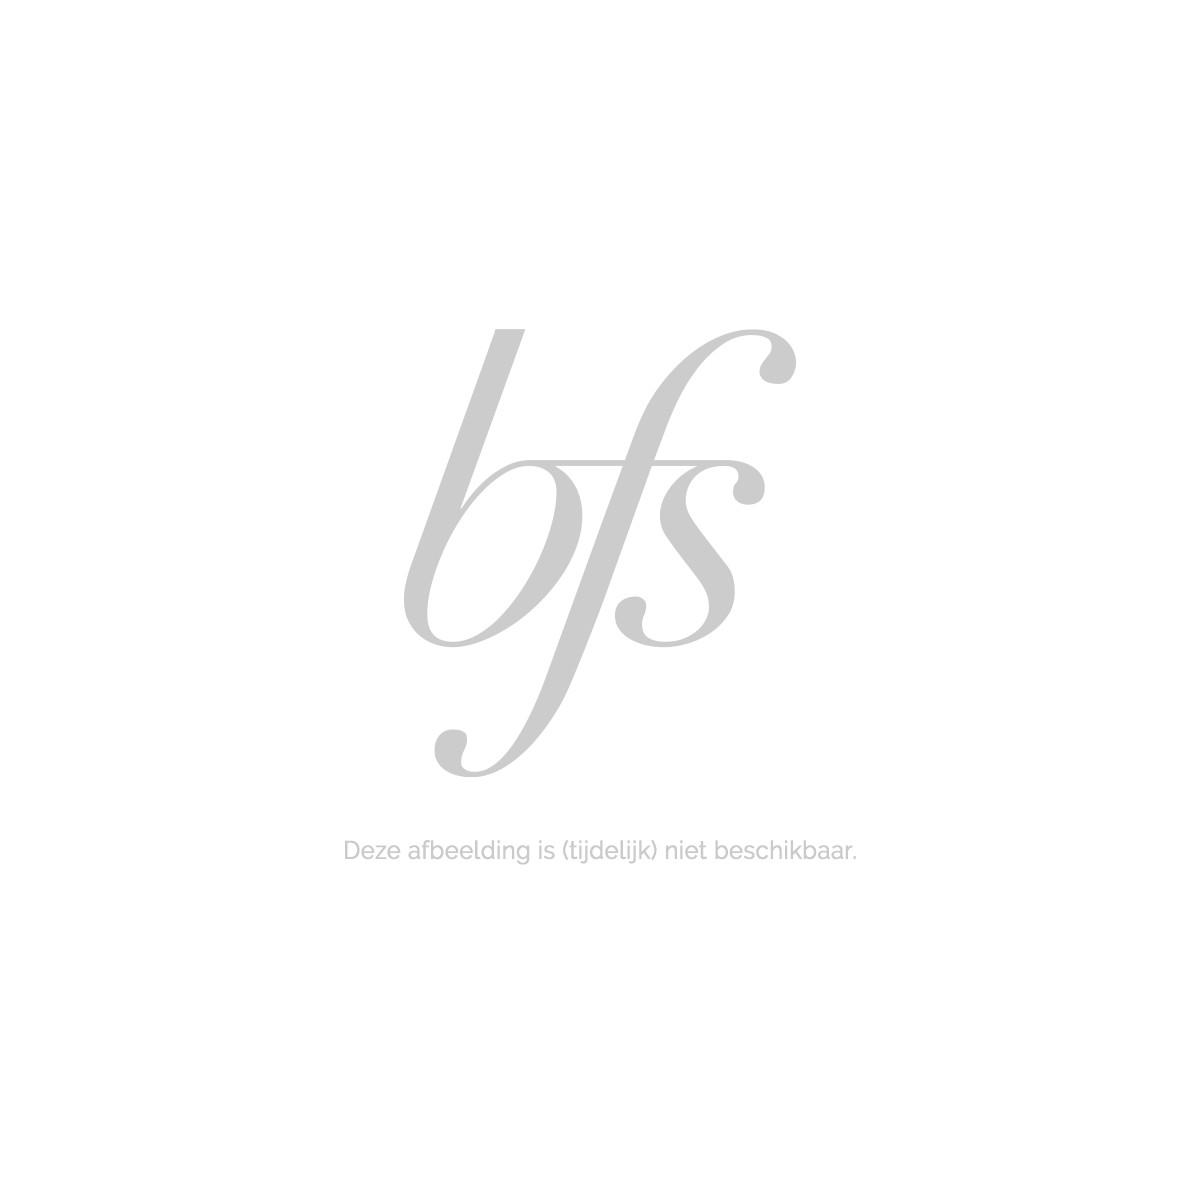 The Body Shop G2 Gtr Trio Hand Creams 90 Ml